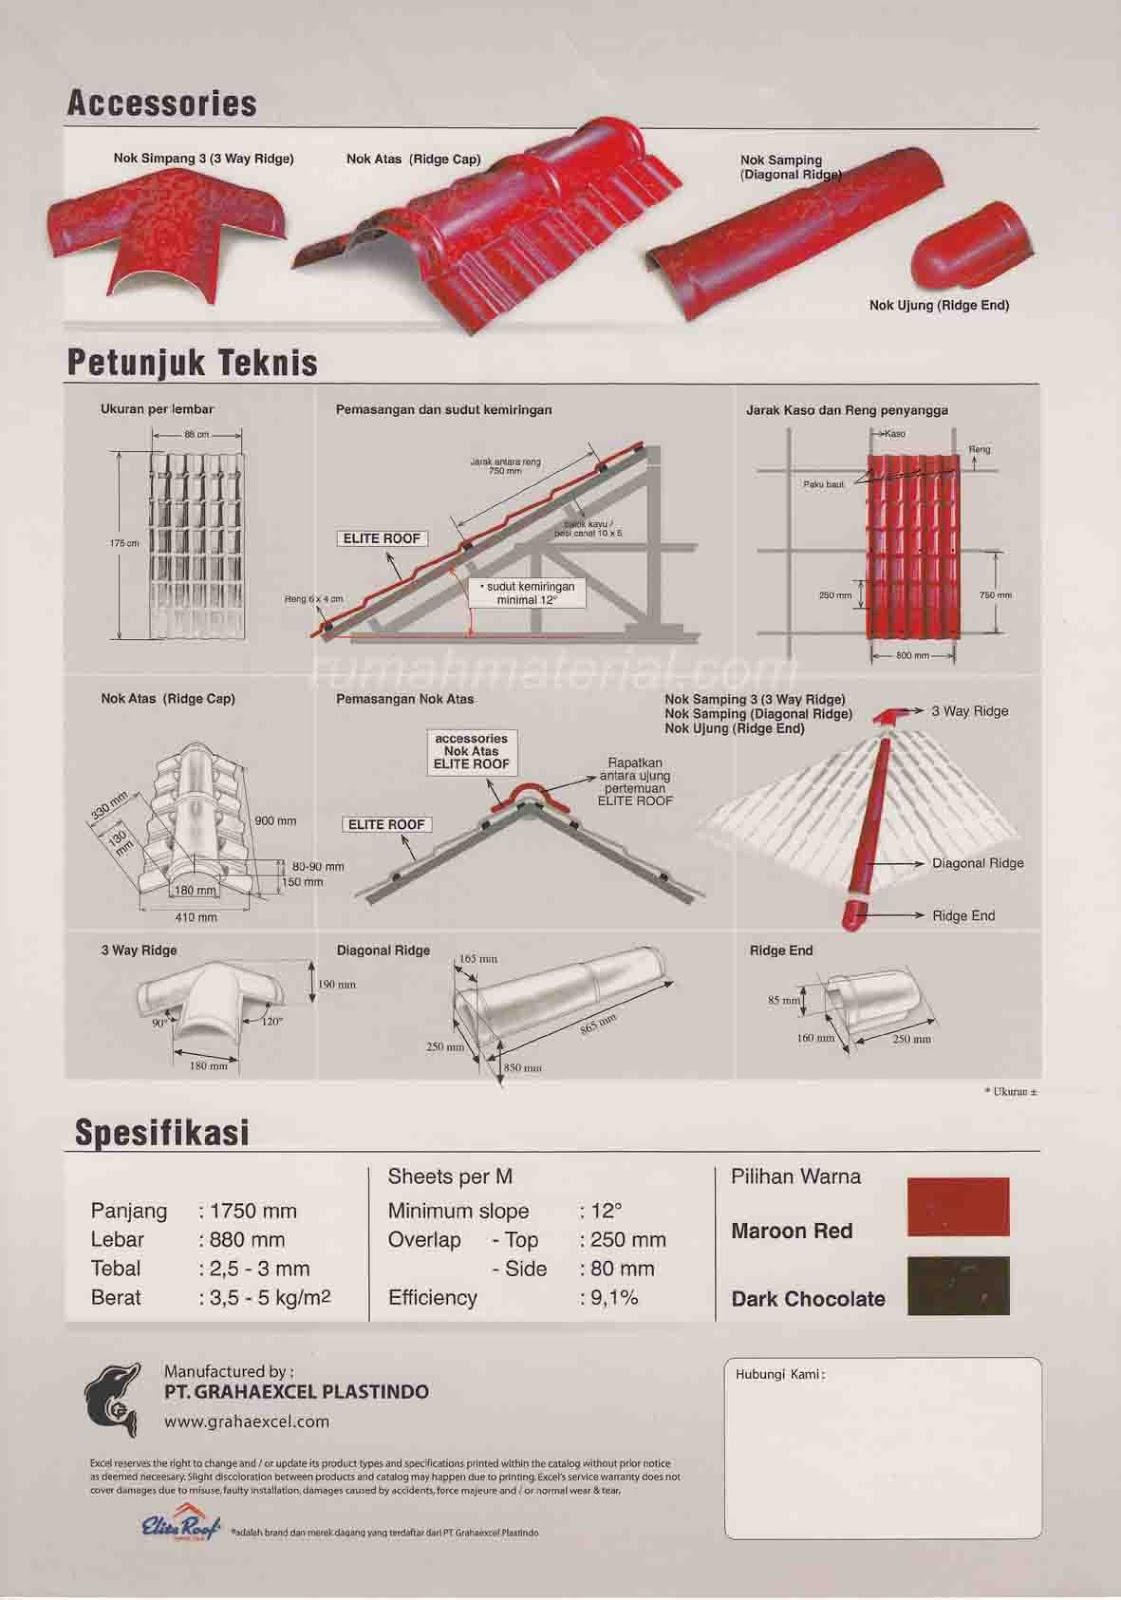 Spesifikasi Dan Cara Pemasangan Atap UPVC Tile ELITE ROOF